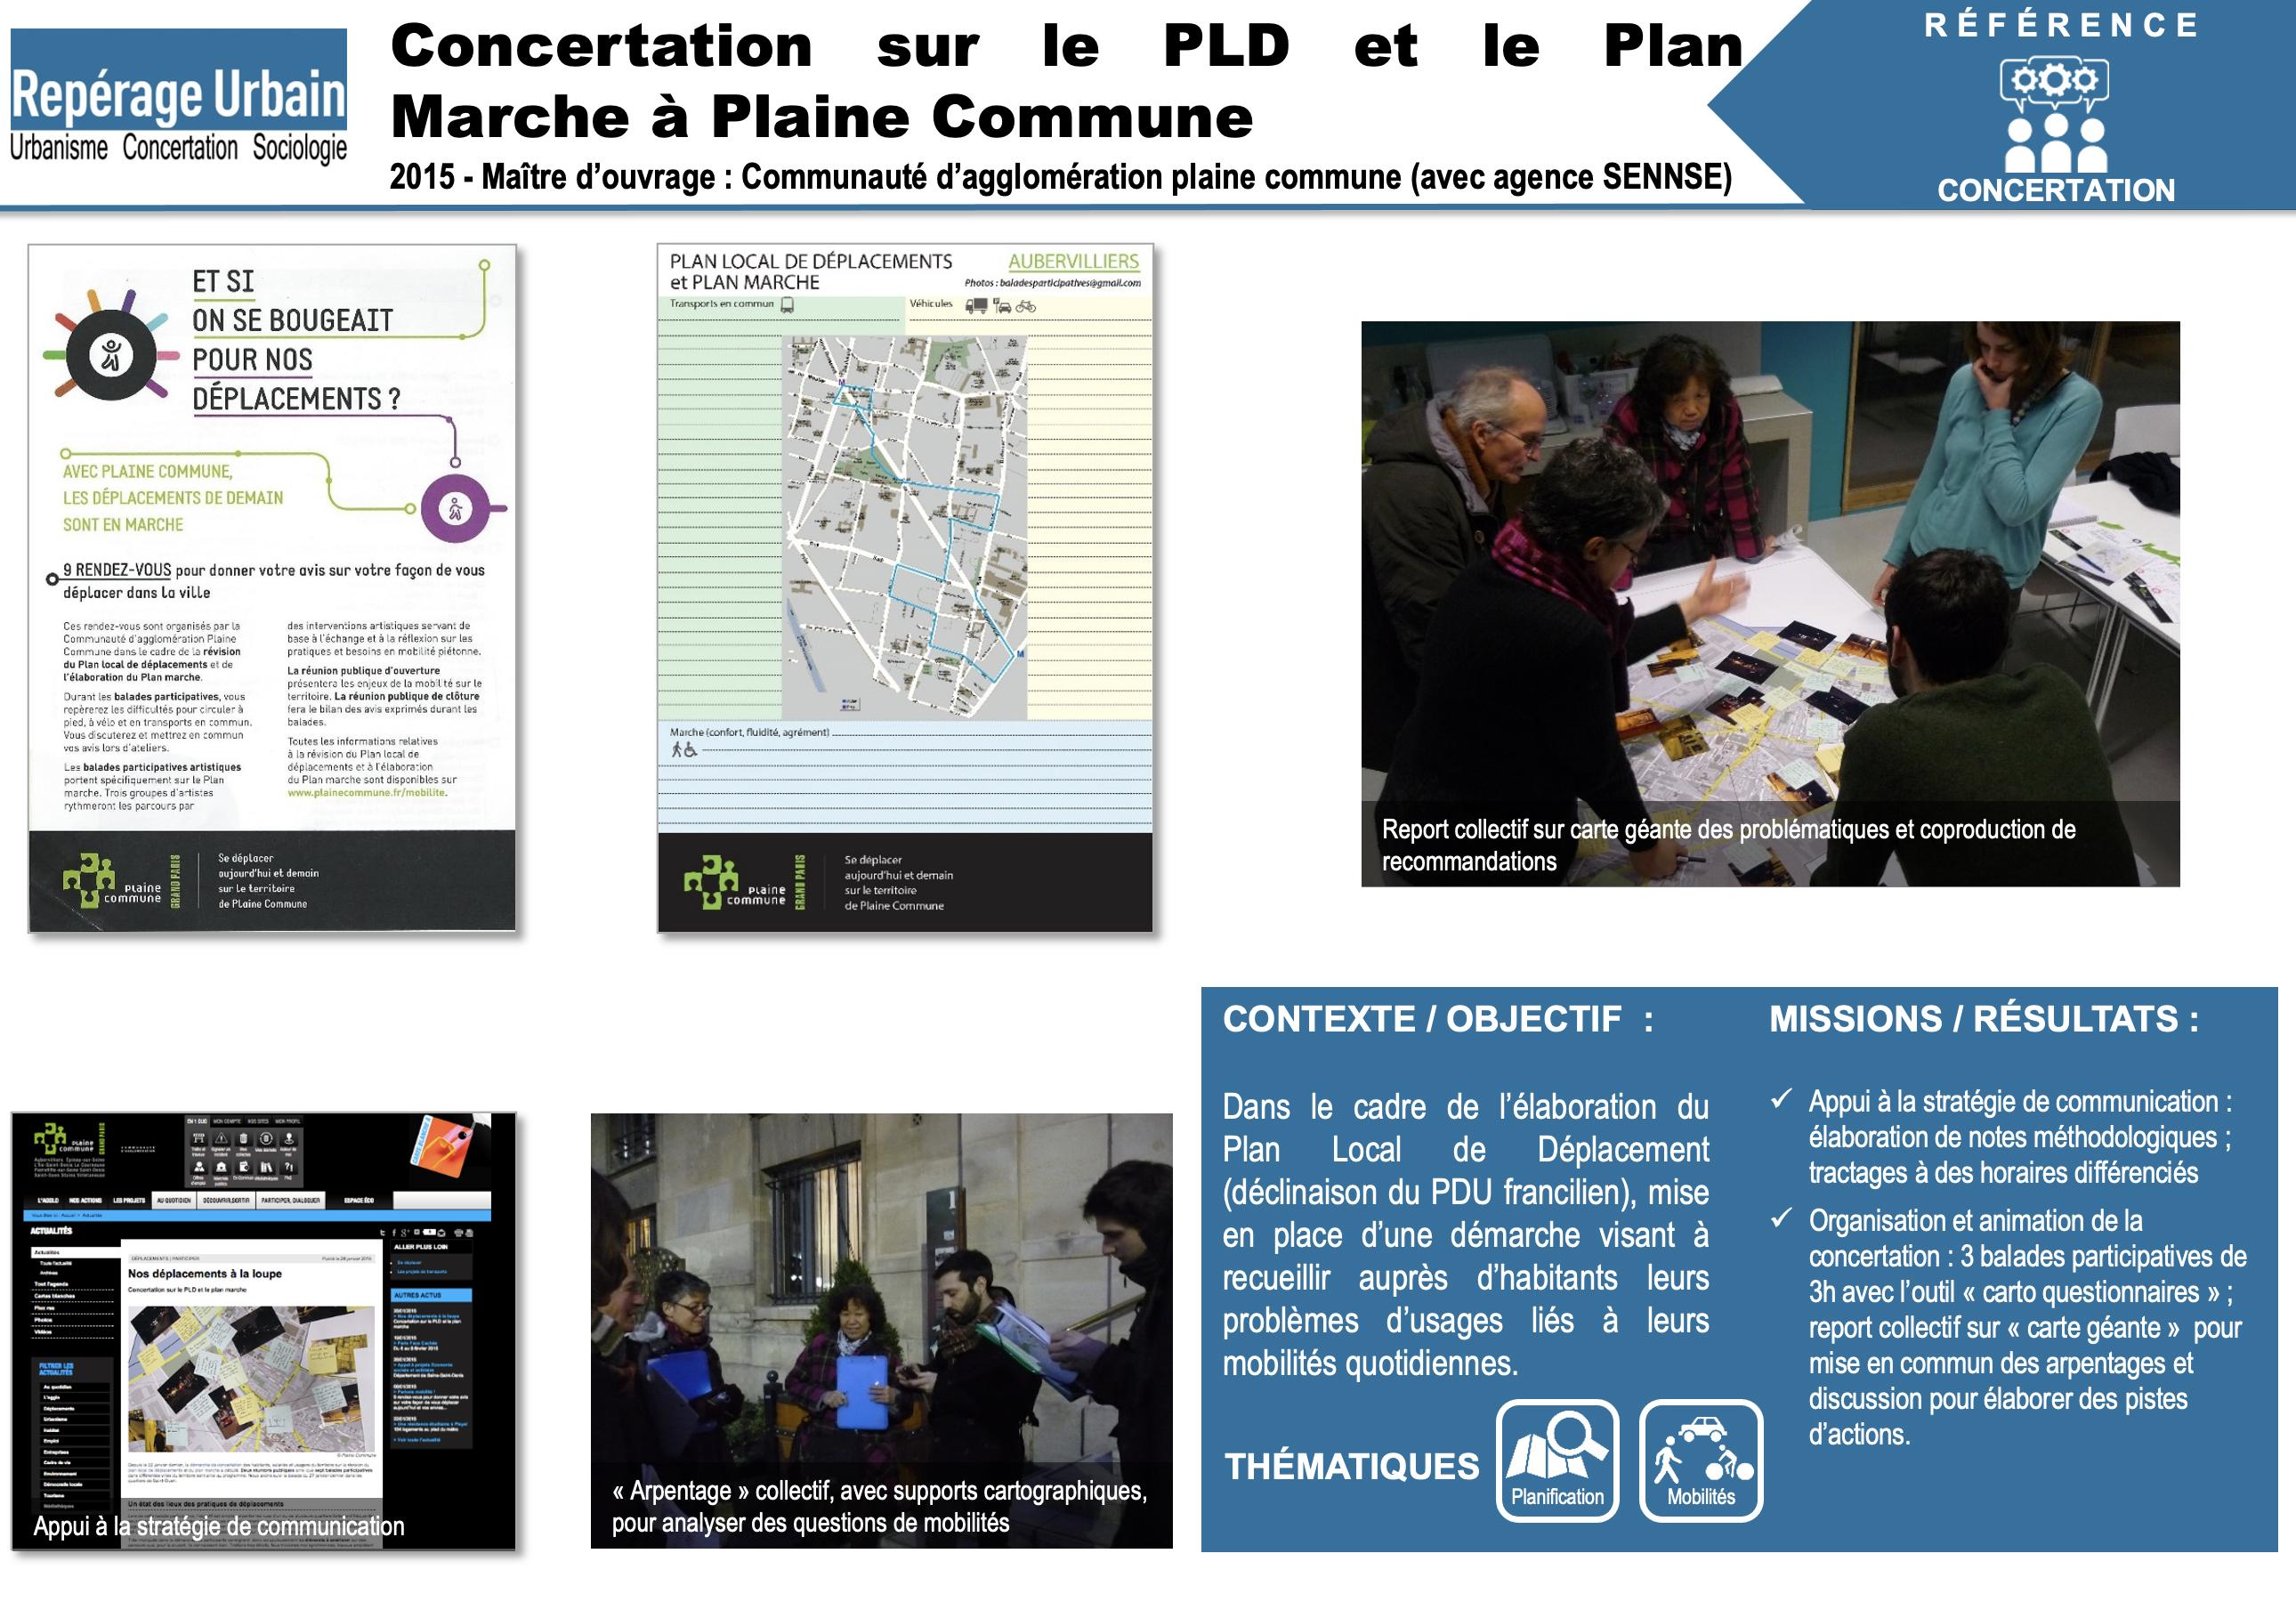 2015 - Plaine commune